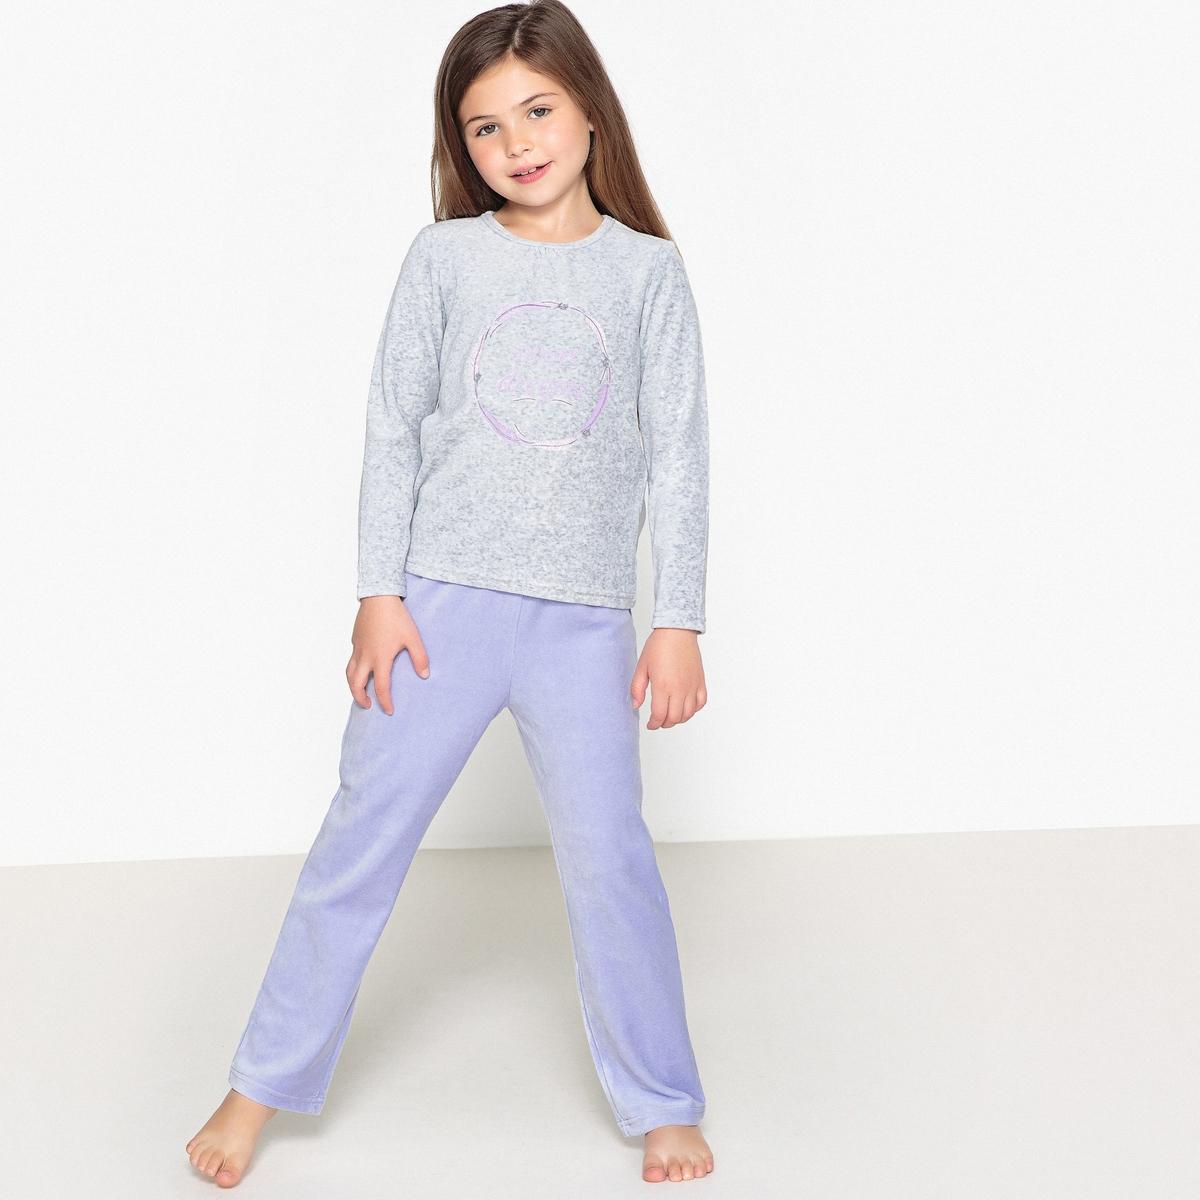 цены Пижама раздельная из велюра с принтом, 3-12 лет